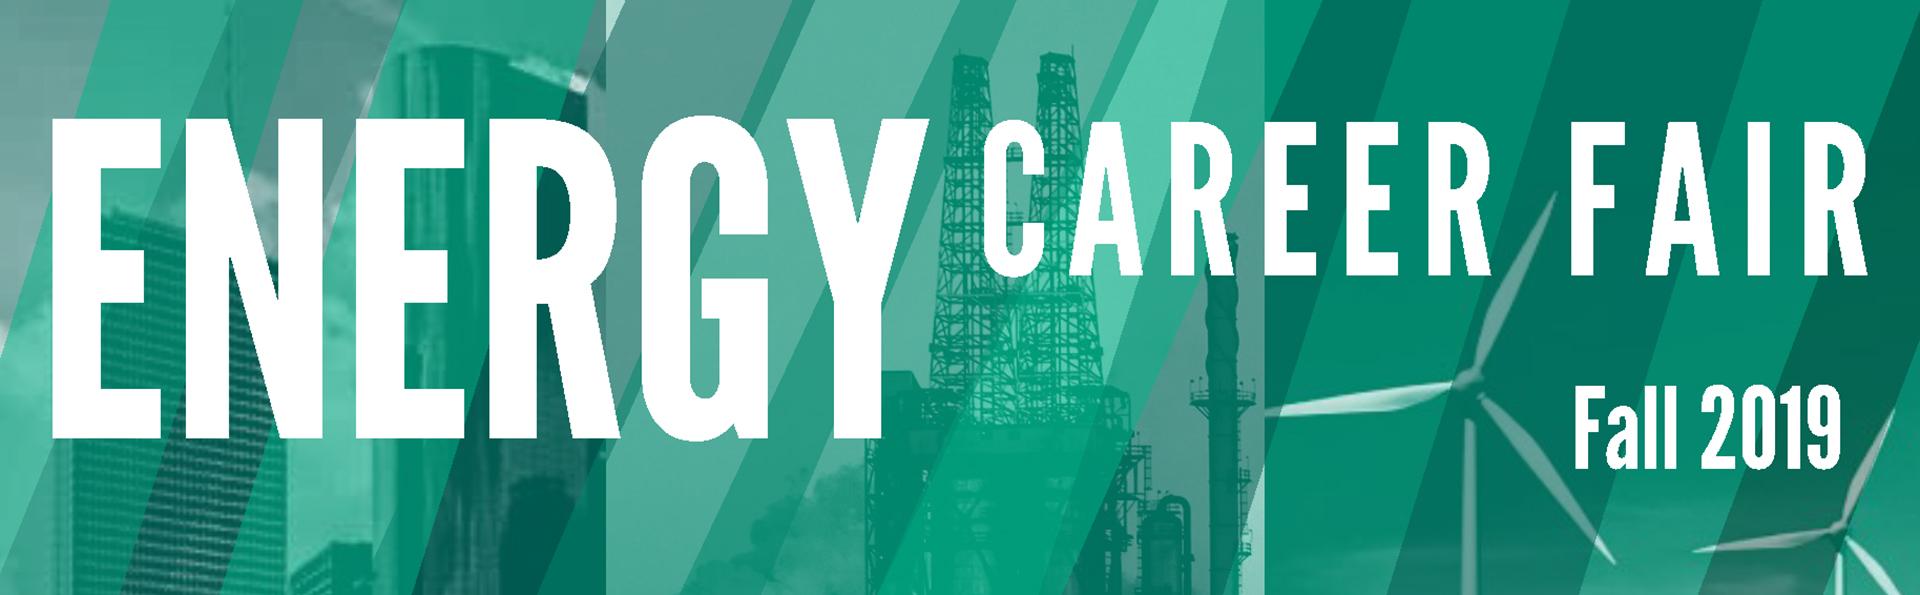 2019 UH Energy Career Fair Image